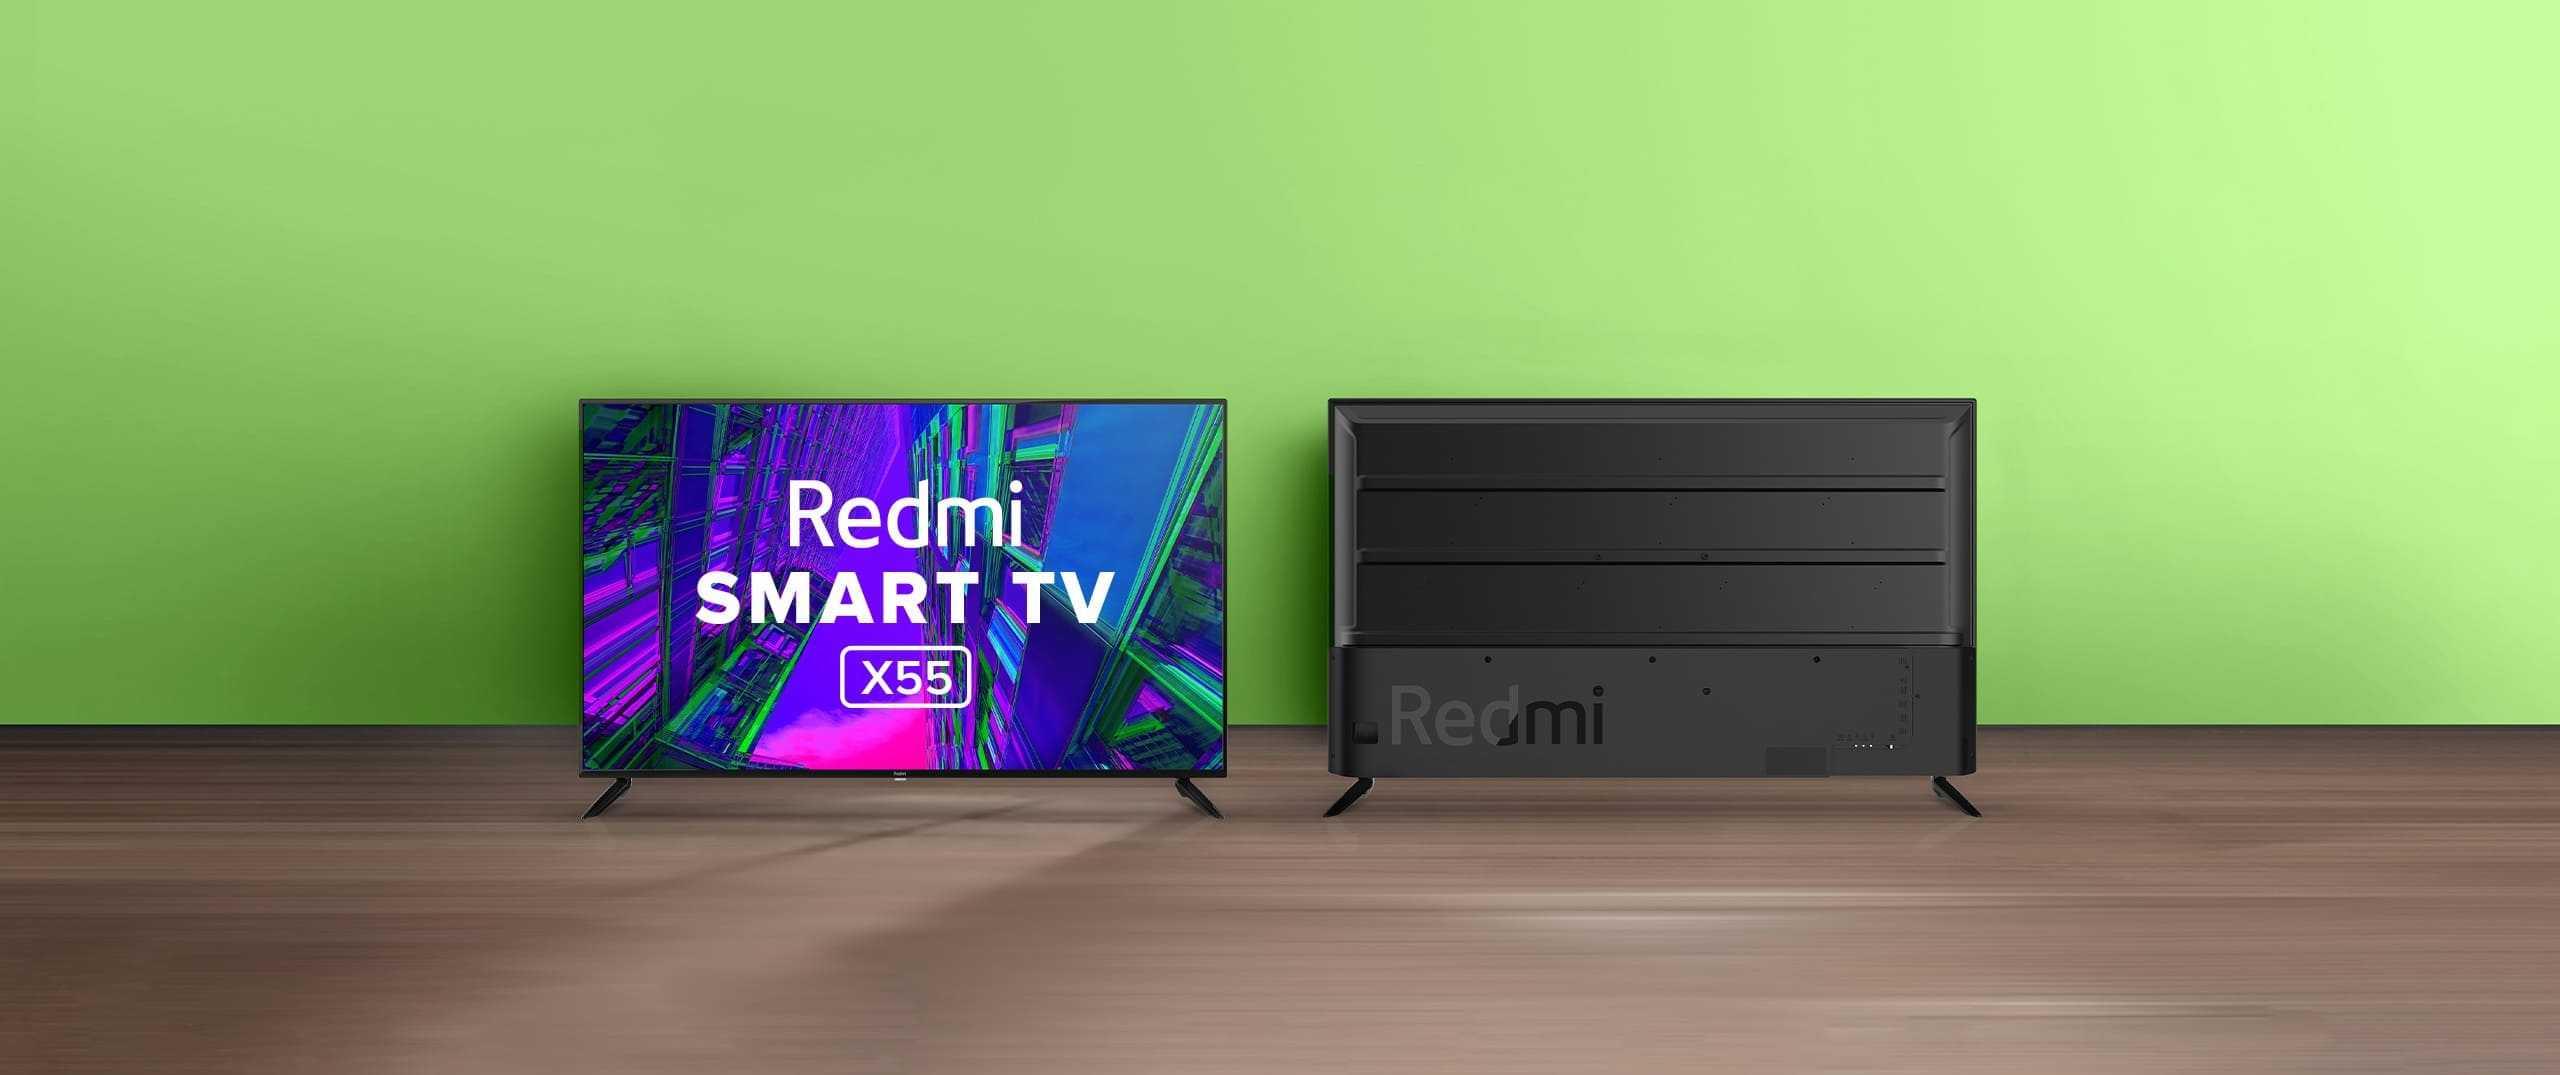 Redmi Smart Tv colors varient